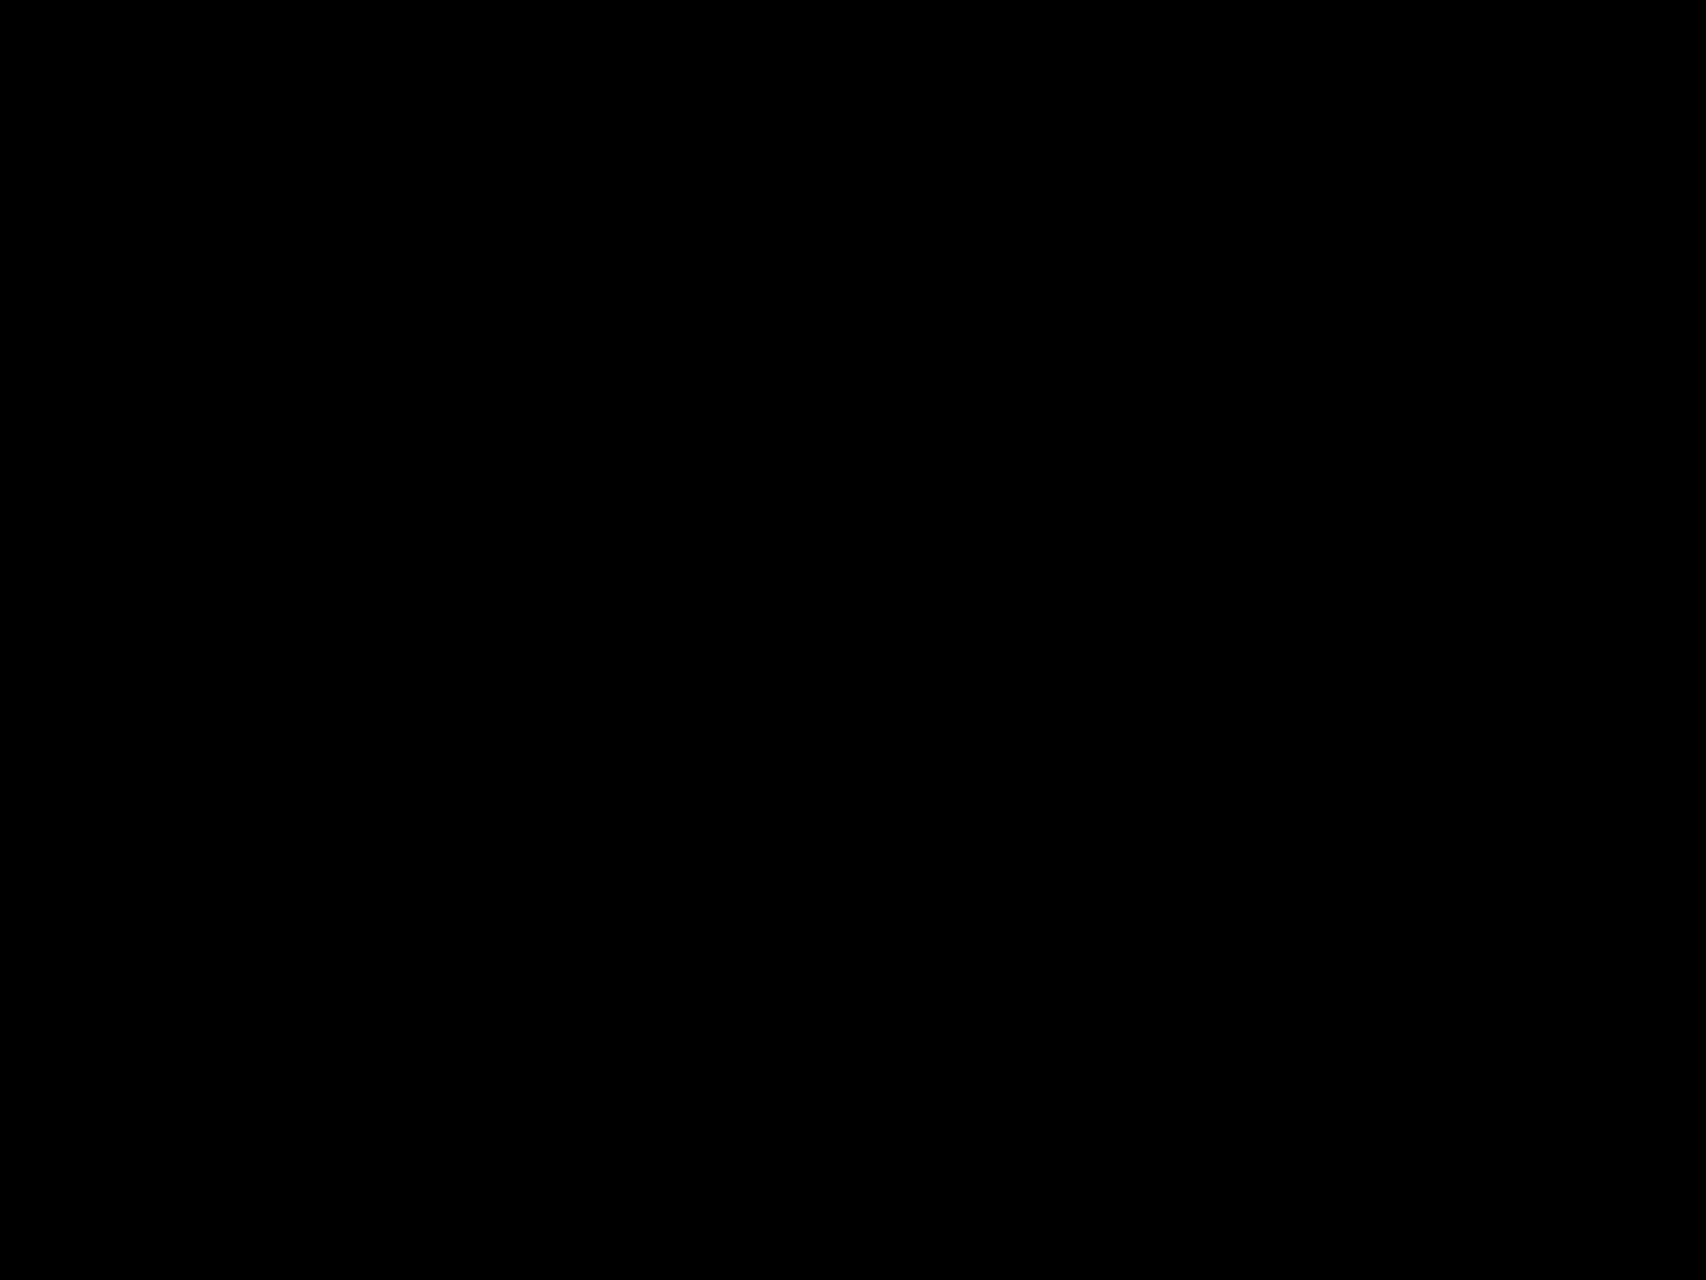 45367_11.jpg